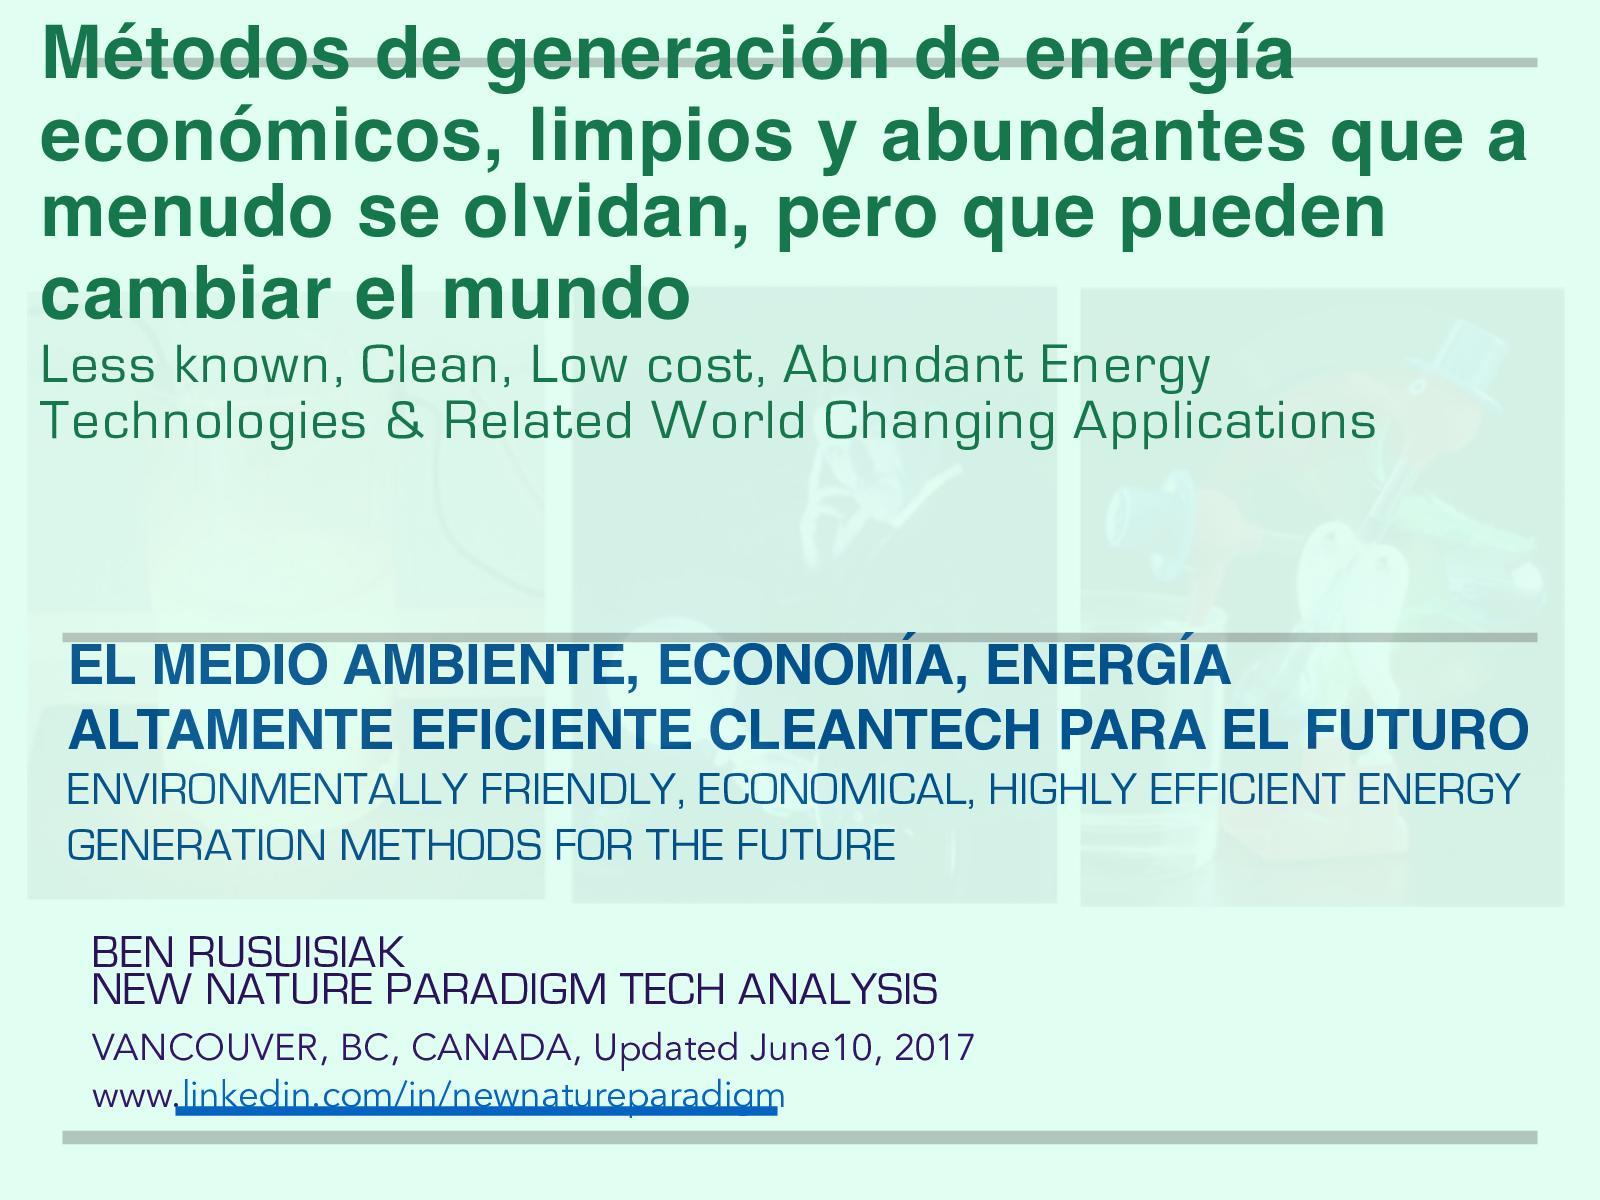 Calaméo - Métodos de generación de energía económicos, limpios y